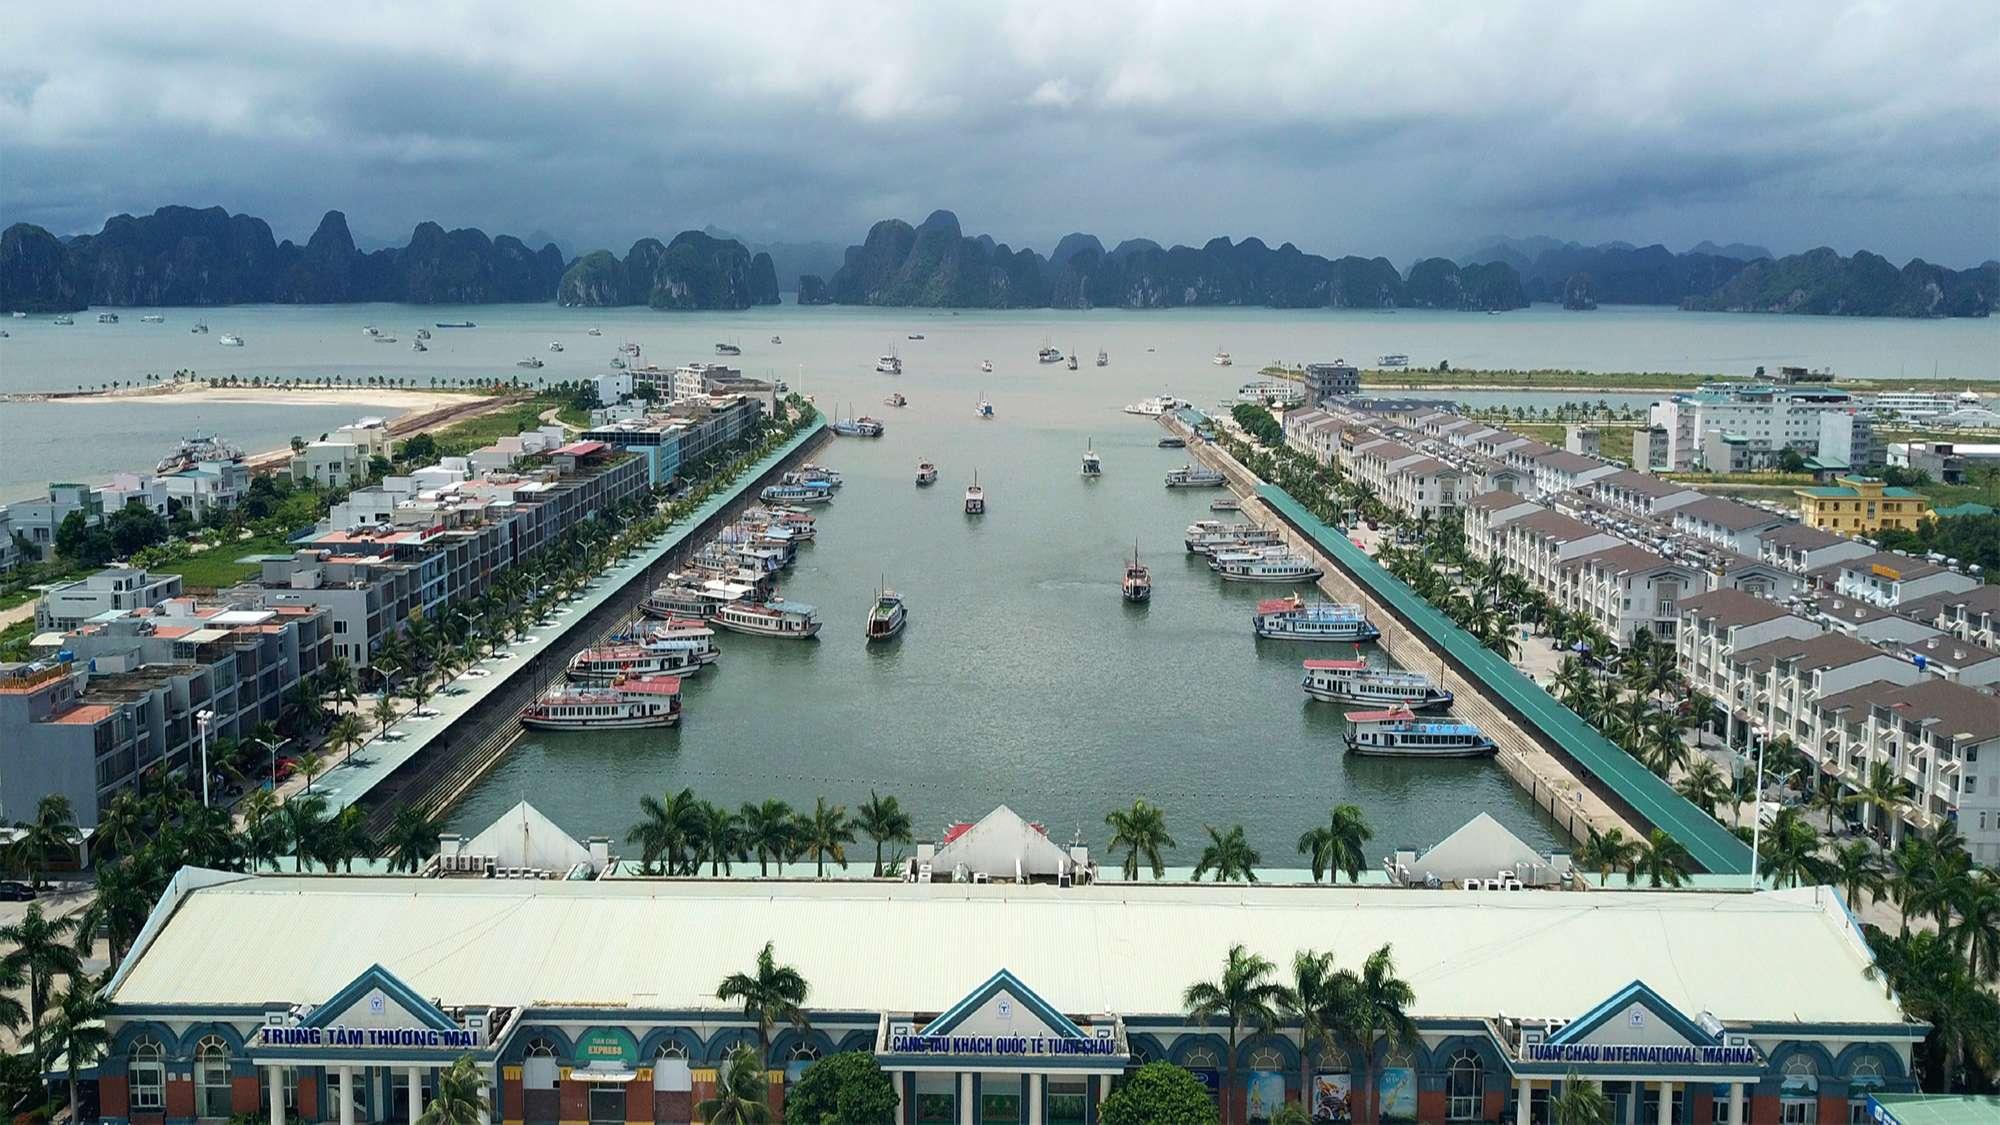 Cảng tàu khách quốc tế Tuần Châu có rất nhiều tàu thuyền đang đậu để chờ khách